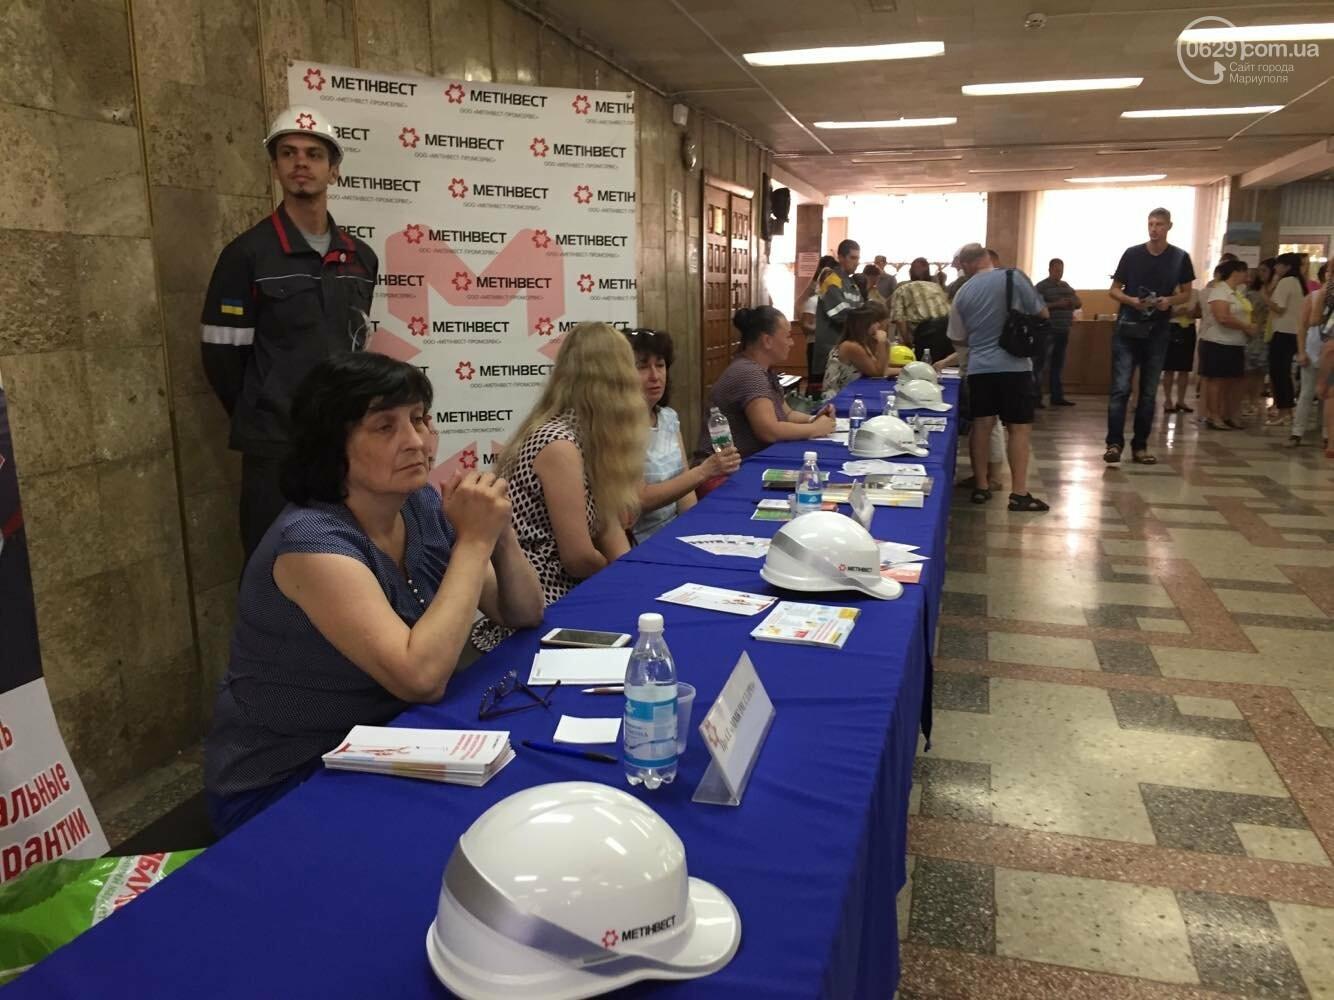 Как в Мариуполе крупные работодатели себе сотрудников искали,- ФОТО, фото-4